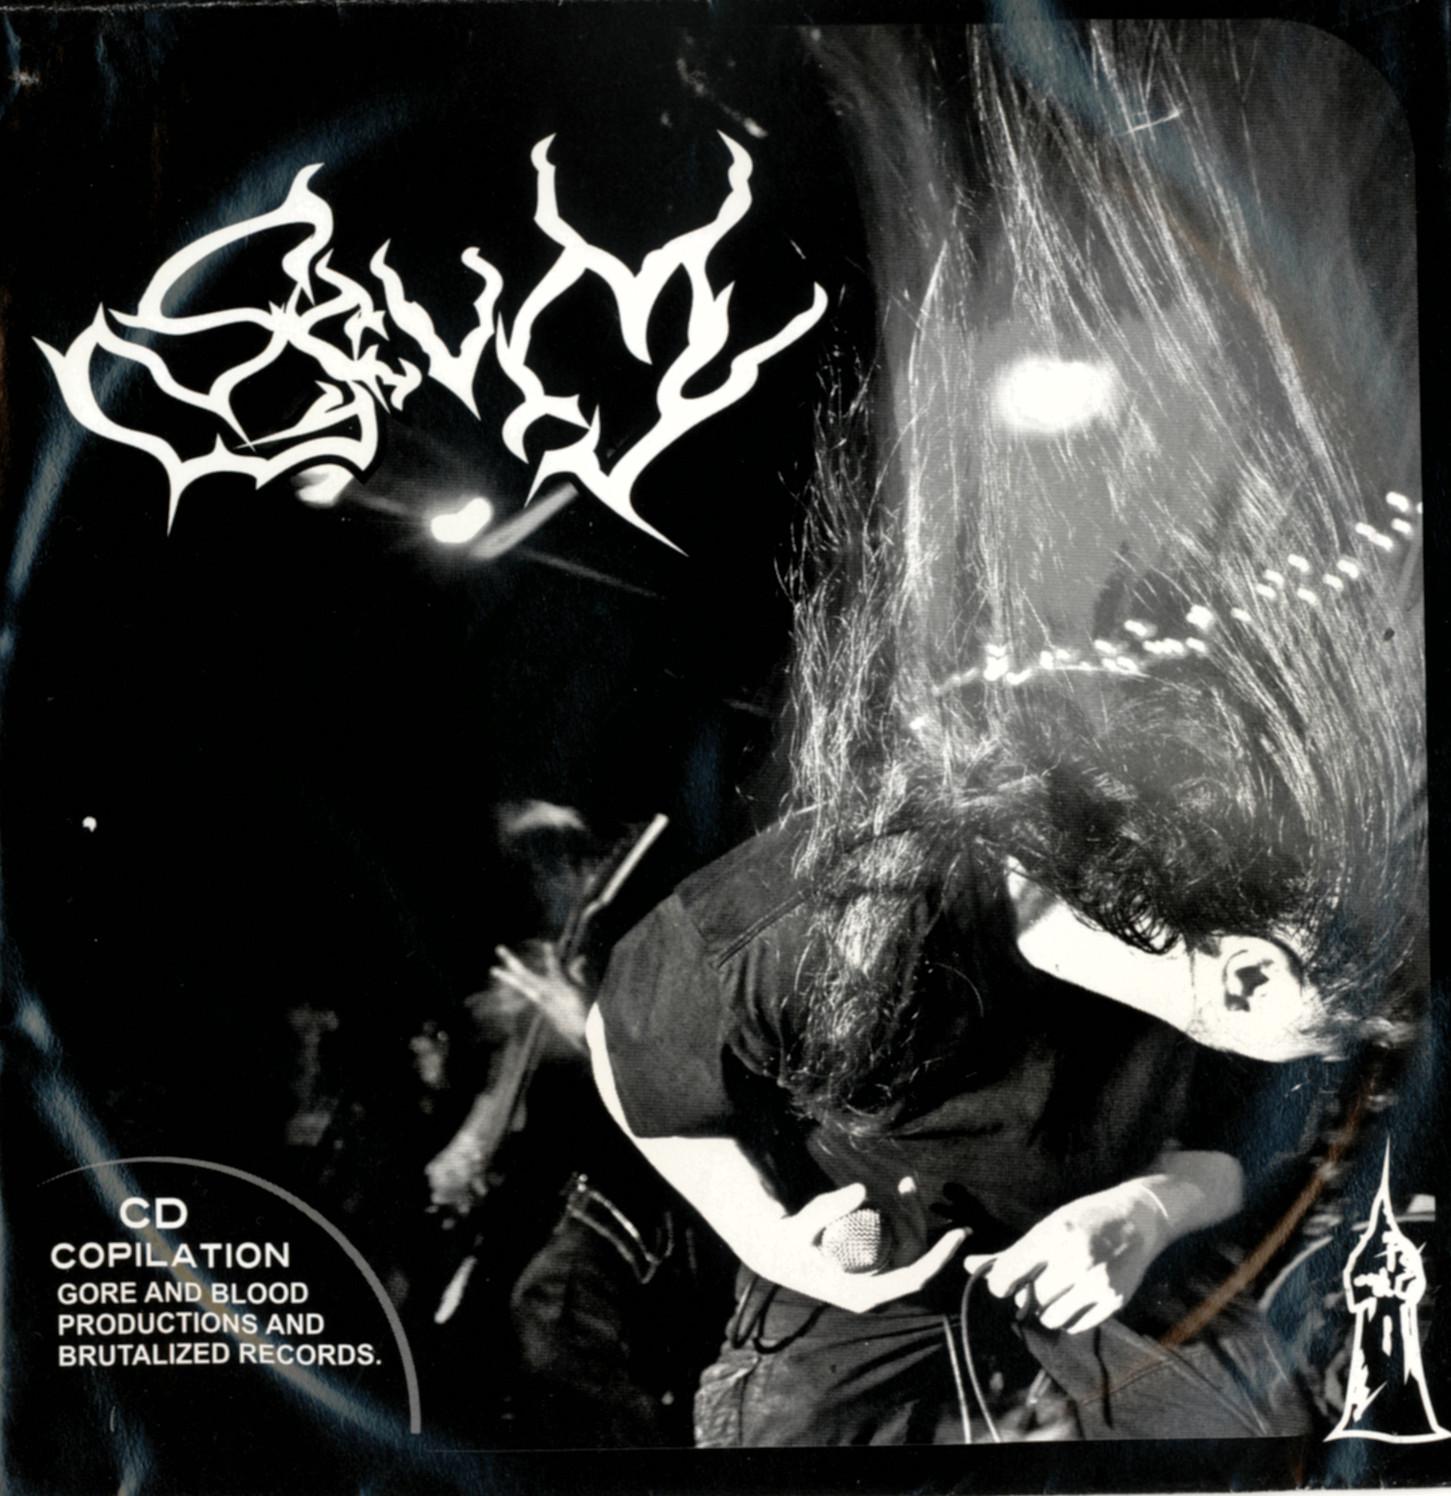 Данный сборник рассчитан на наиболее экстремальную категорию слушателей metal-музыки